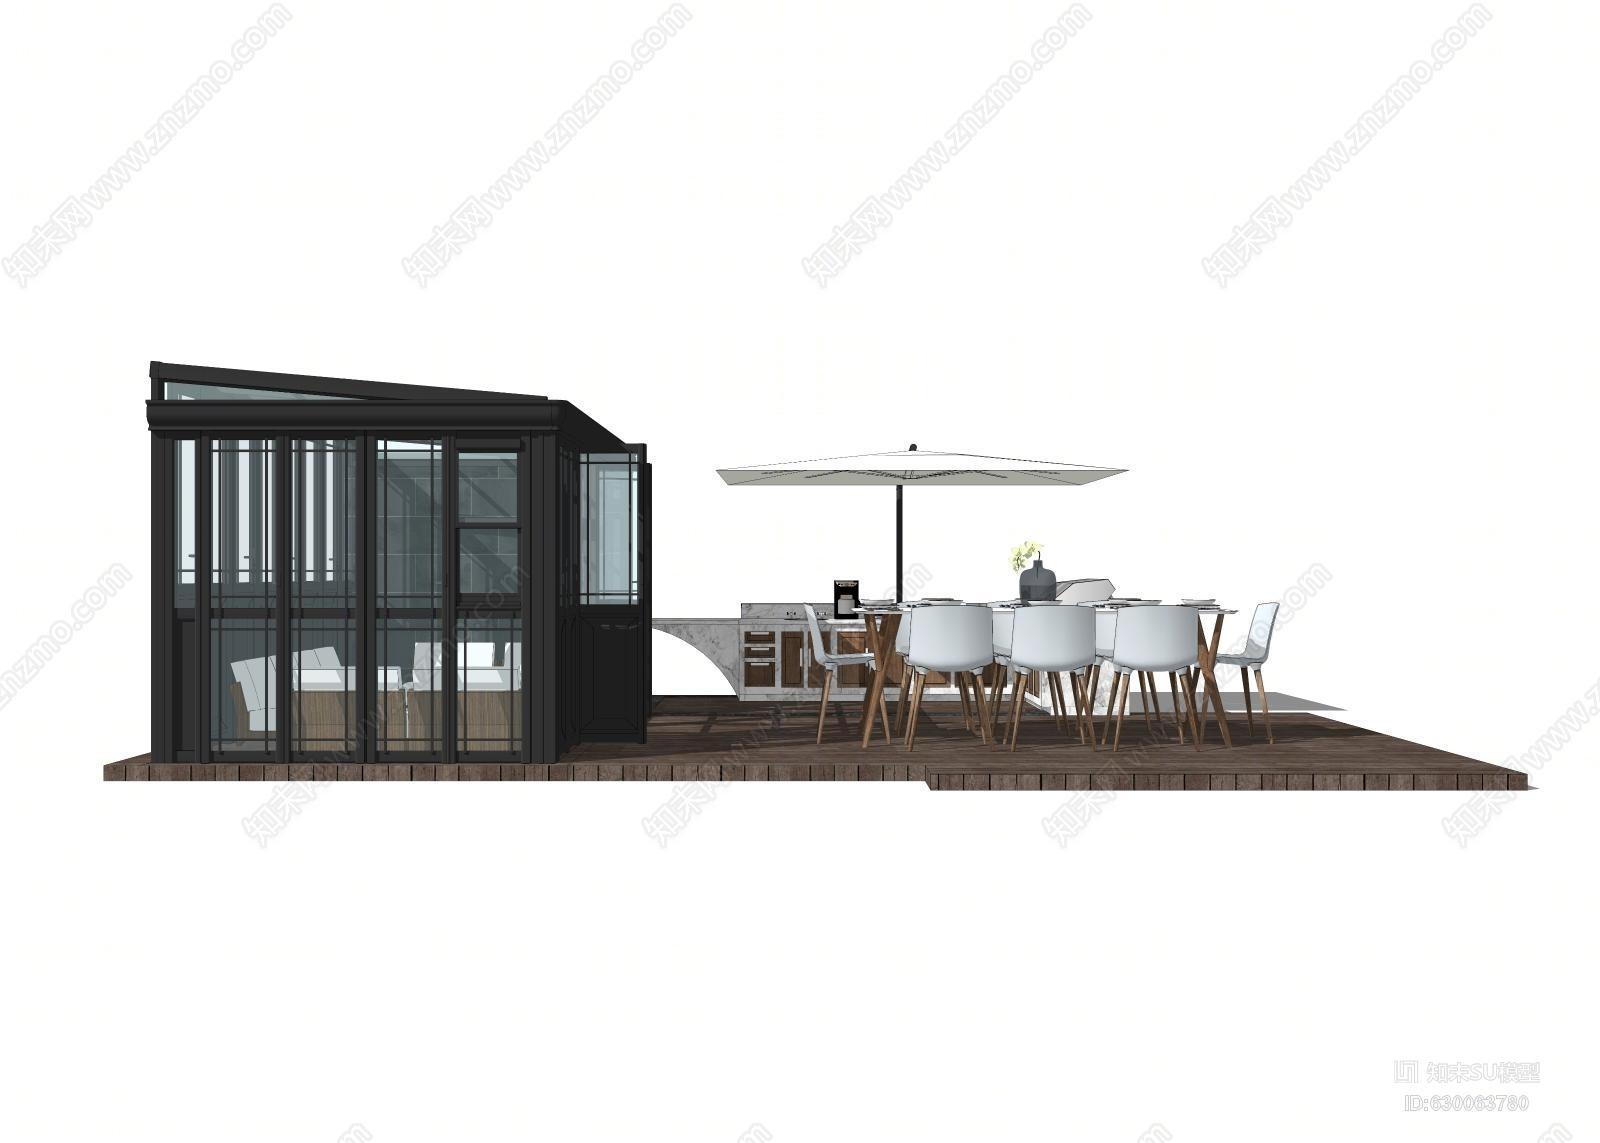 景观 别墅院子 户外休闲 桌椅组合 阳光房 亭子